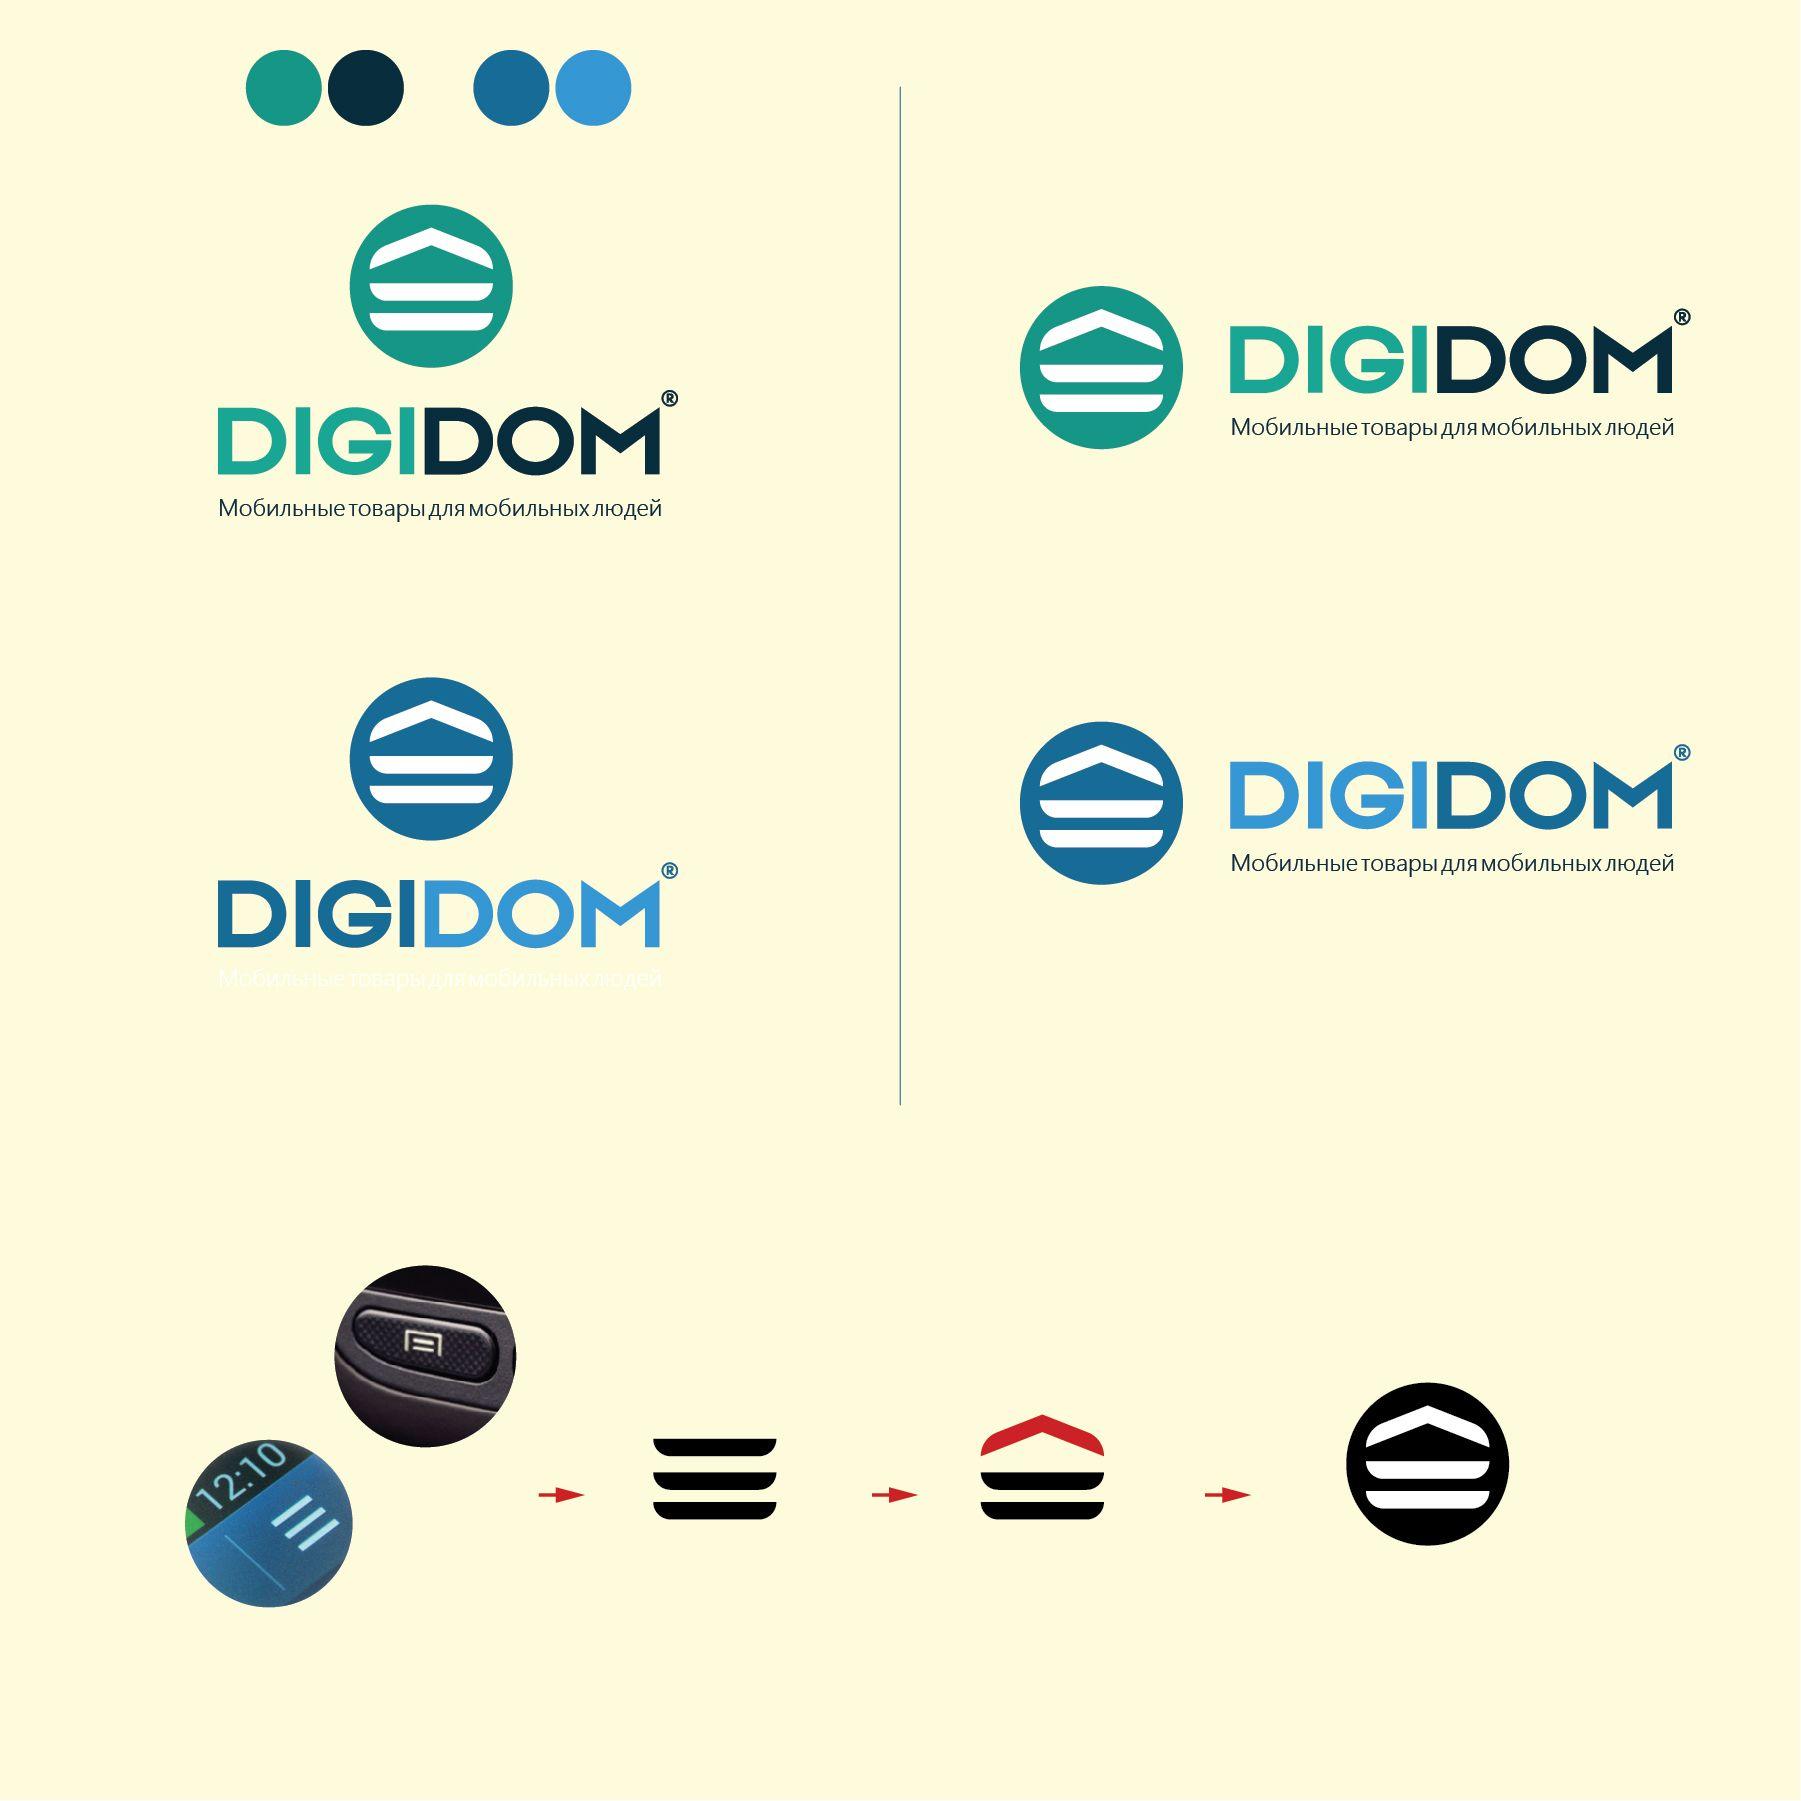 Логотип интернет-магазина мобильных устройств - дизайнер Fuzz0